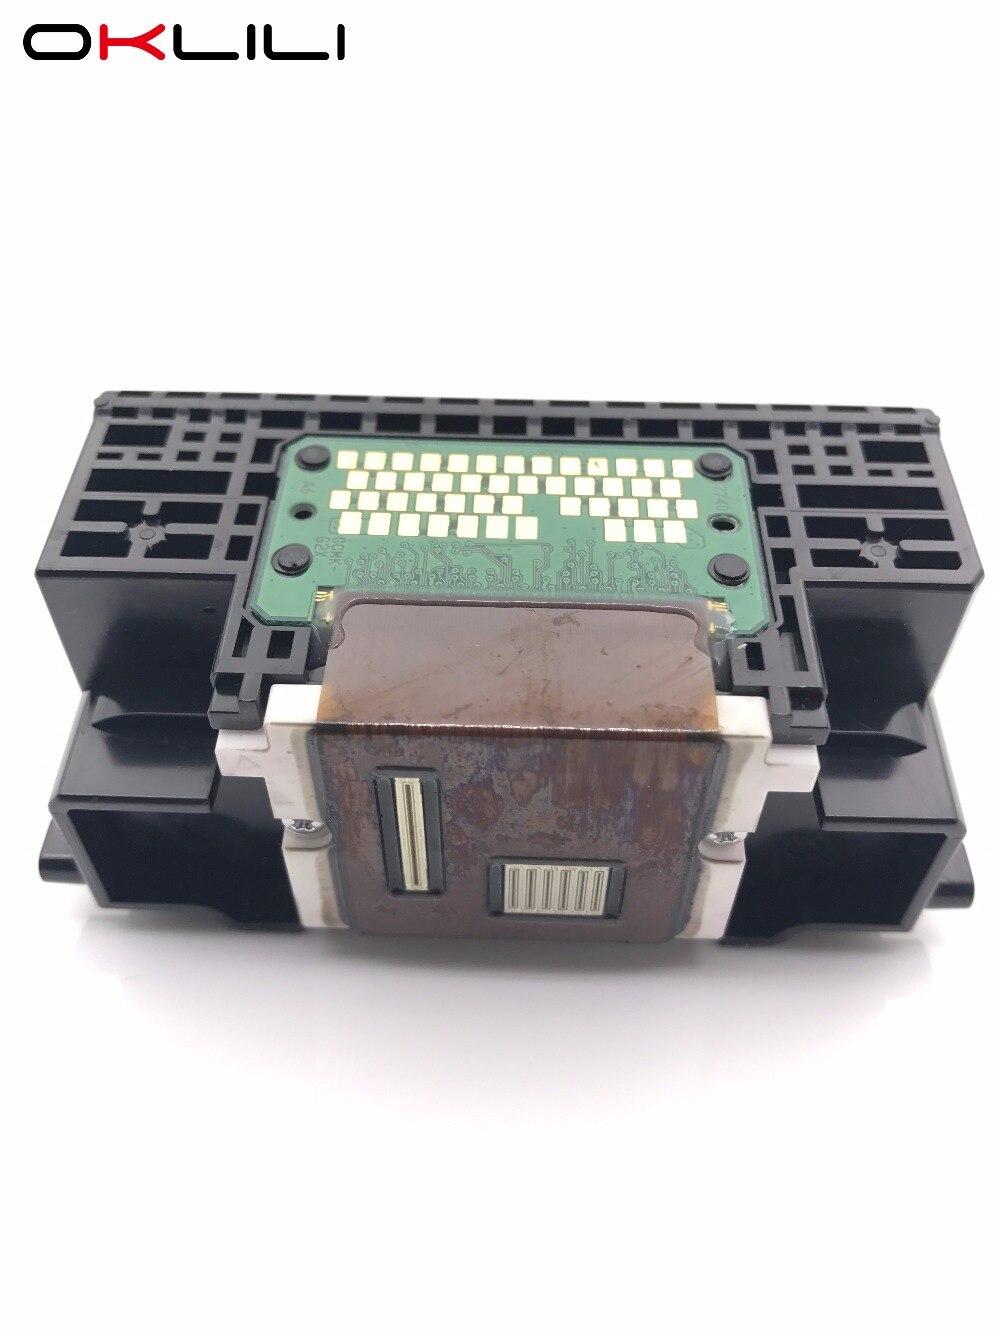 QY6-0073 cabezal de impresión para Canon iP3600 iP3680 MP540 MP550 MP560 MP568 MP620 MX860 MX868 MX870 MX878 MG5140 MG5150 MG5180